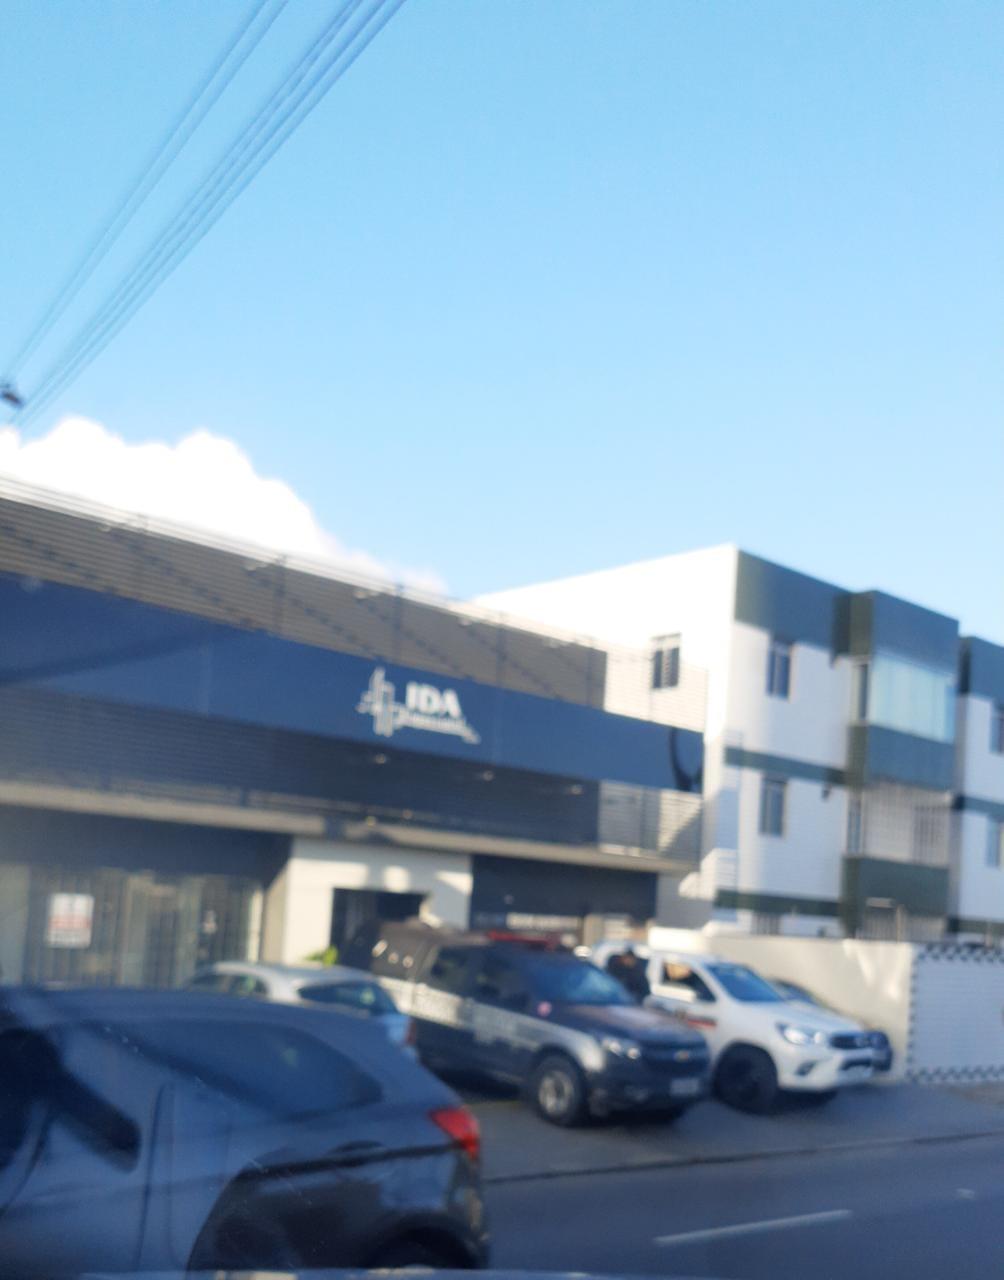 1426dd29 c0c4 4036 b488 5c579c6072c8 - OPERAÇÃO ESTIRPE: Polícia Federal e Gaeco cumprem mandados contra desvio de dinheiro na prefeitura de Alhandra